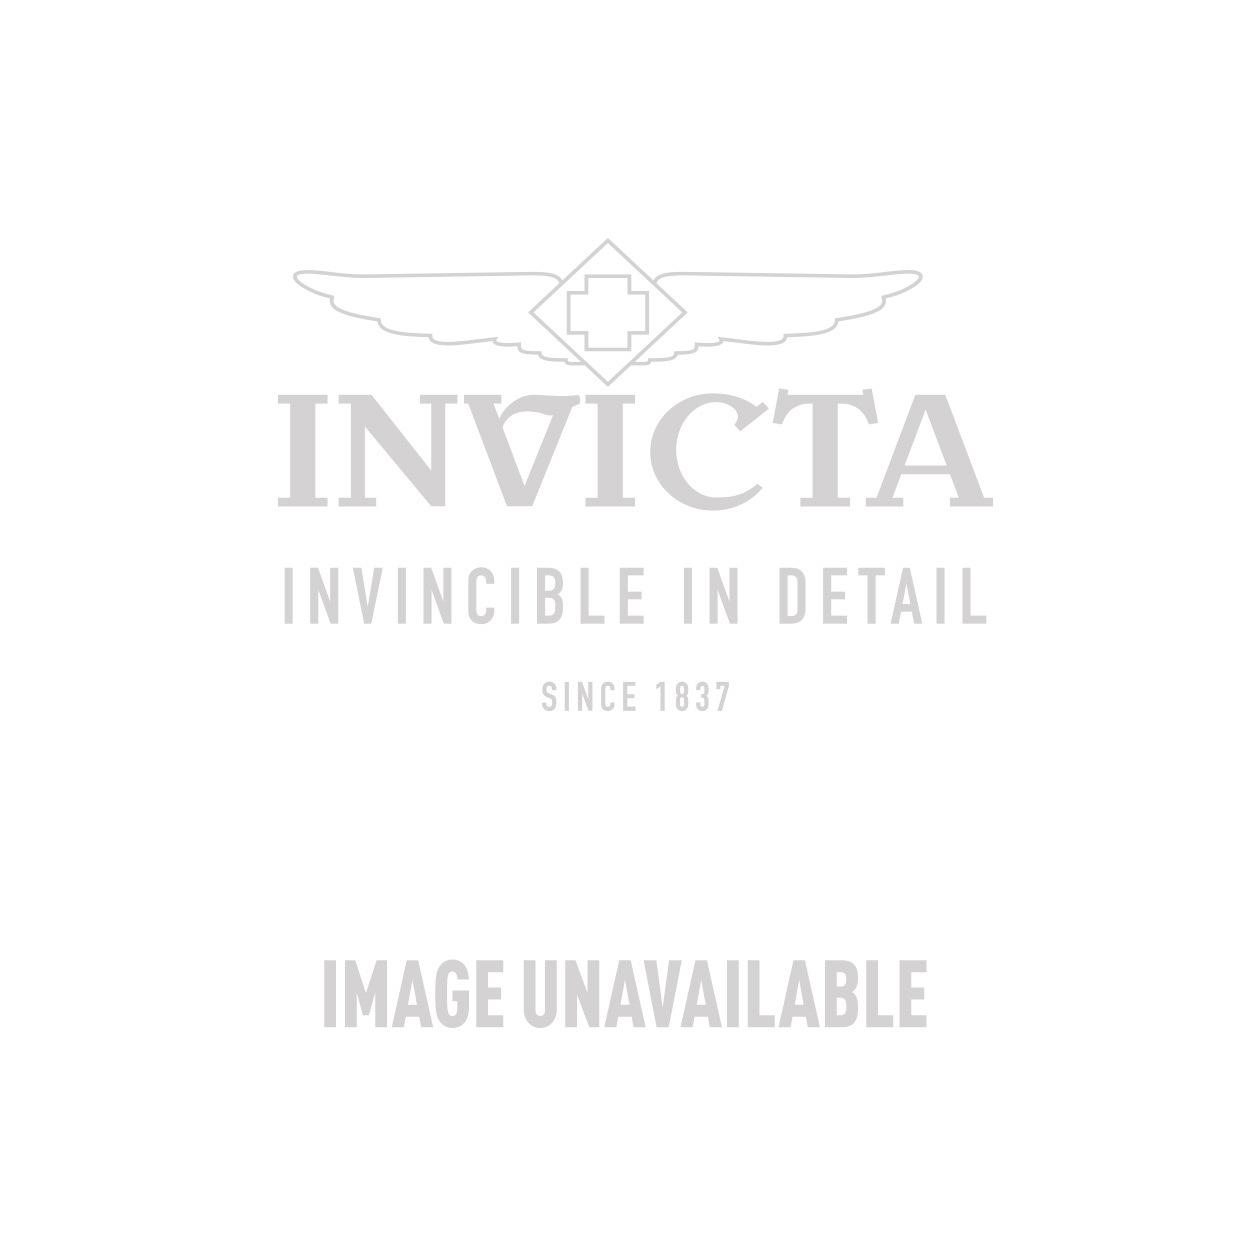 Invicta Model 27042